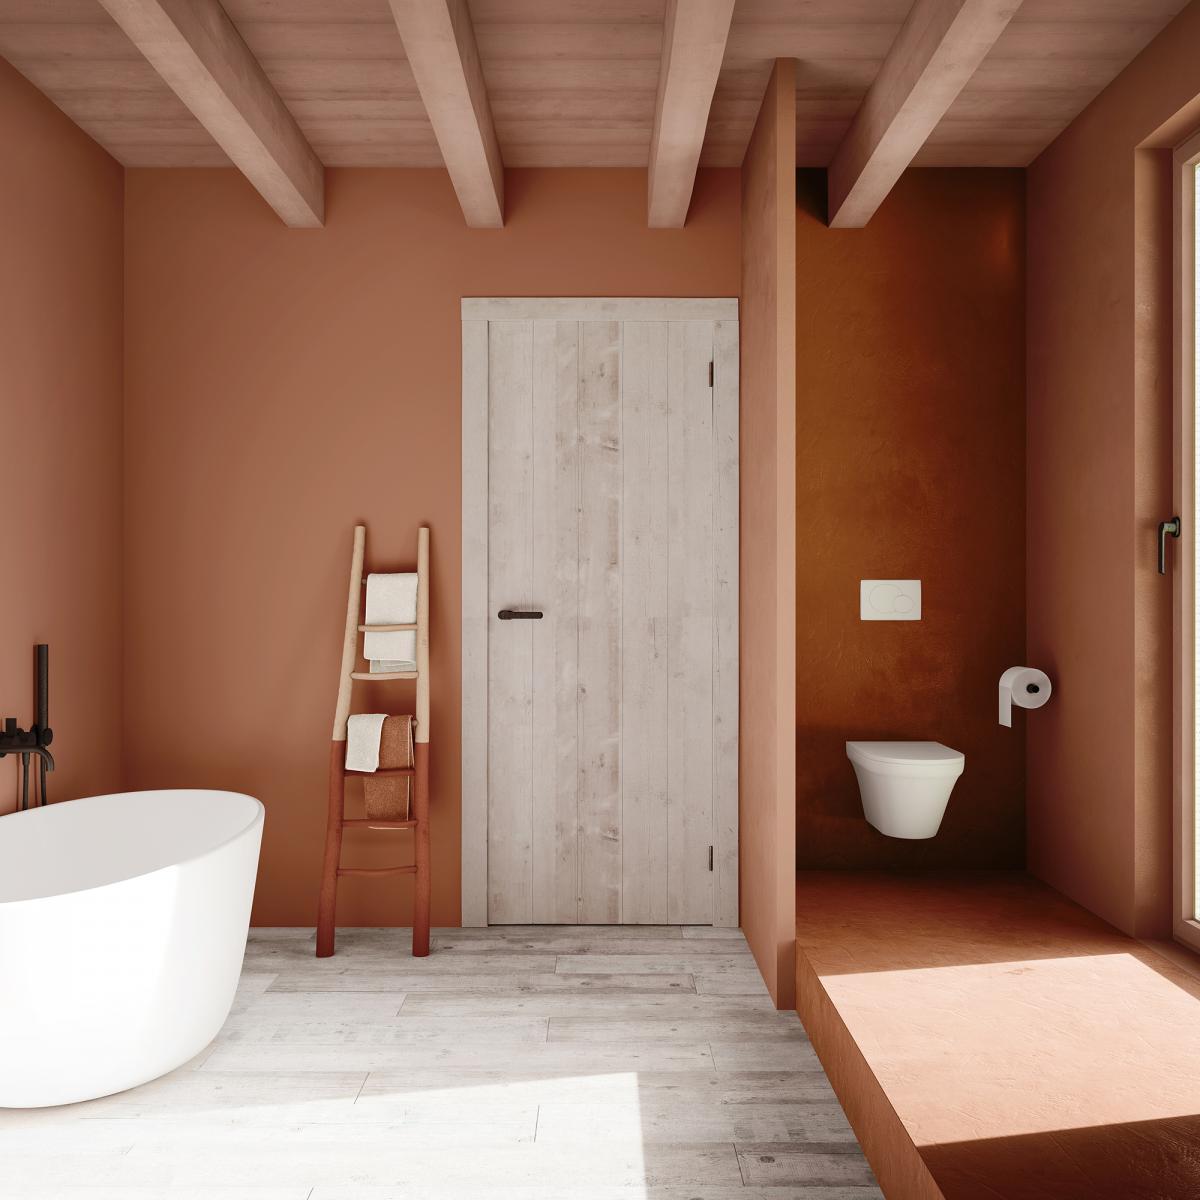 Creëer een intieme badkamer met warme verfkleuren